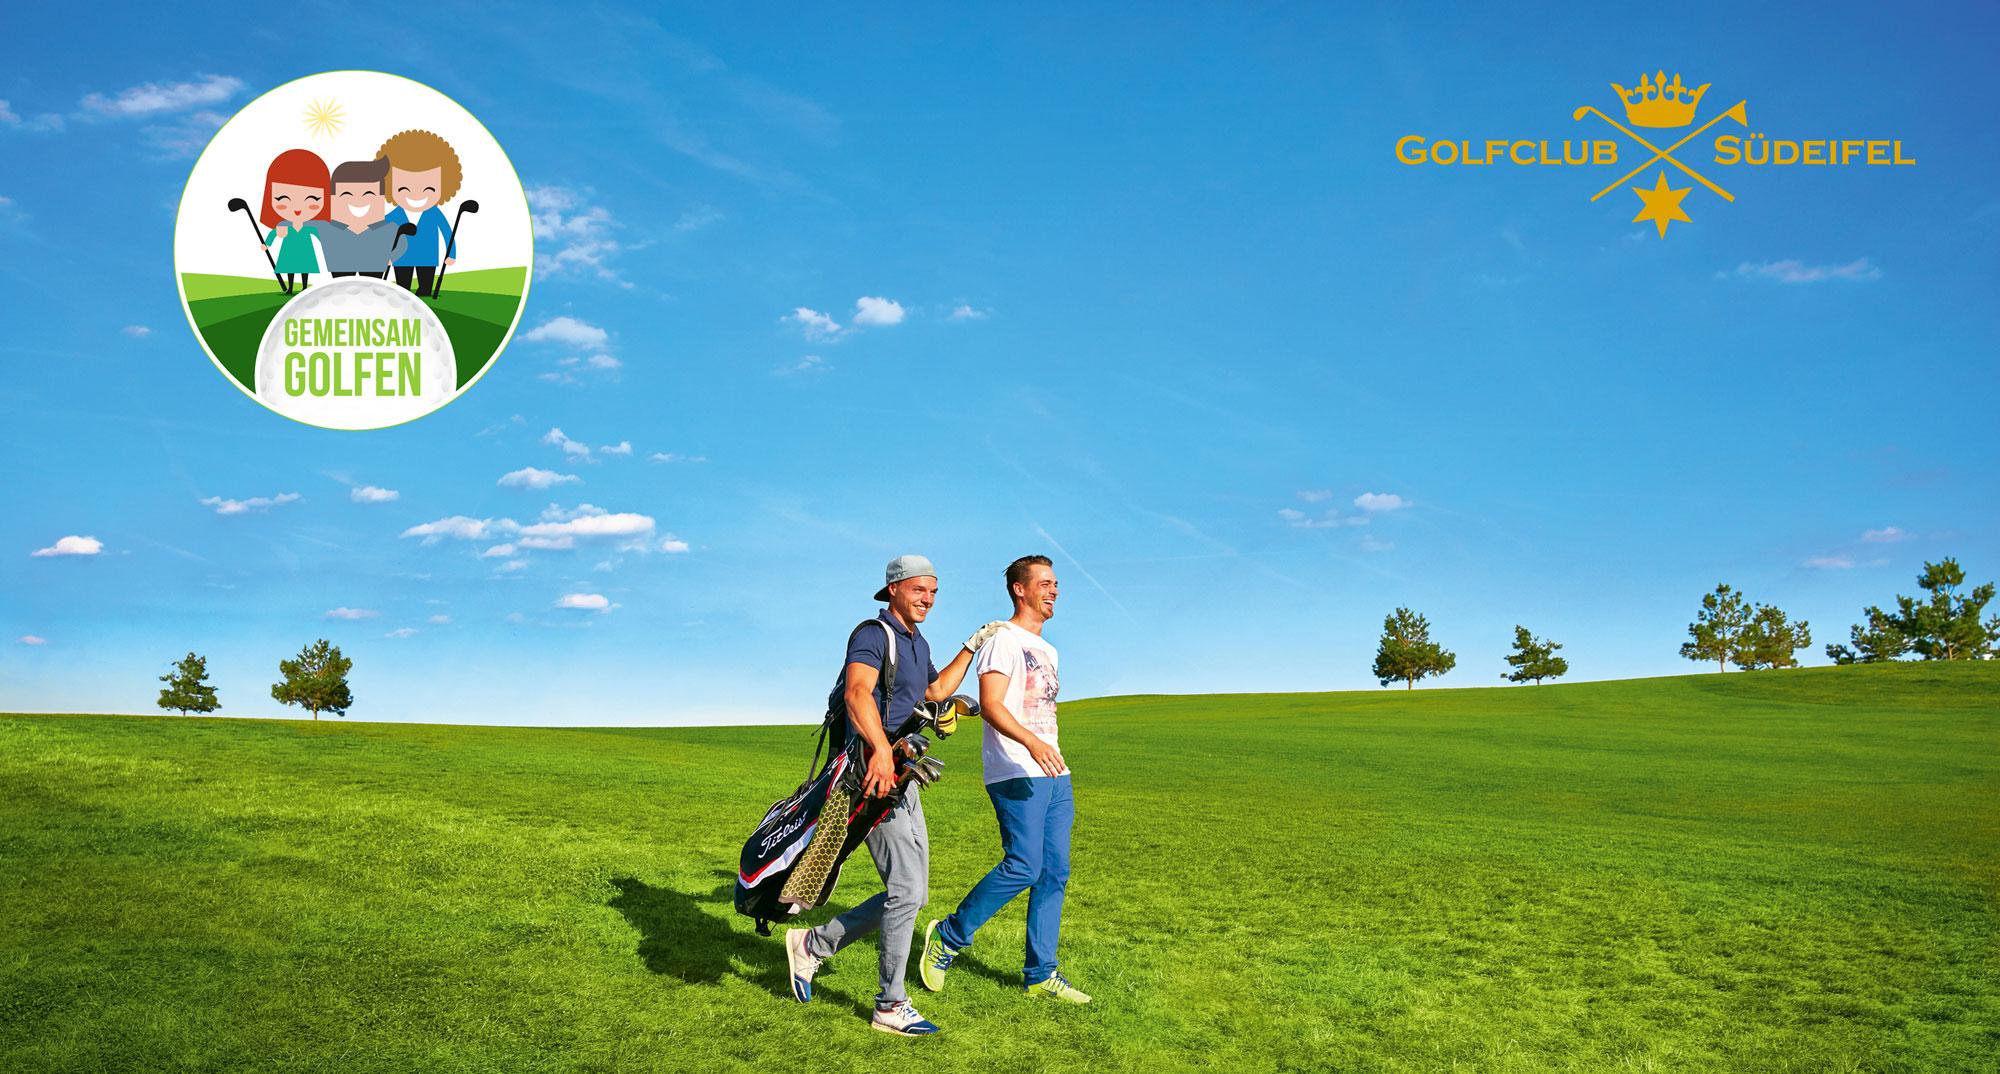 Gemeinsam Golfen - Golfclub Südeifel